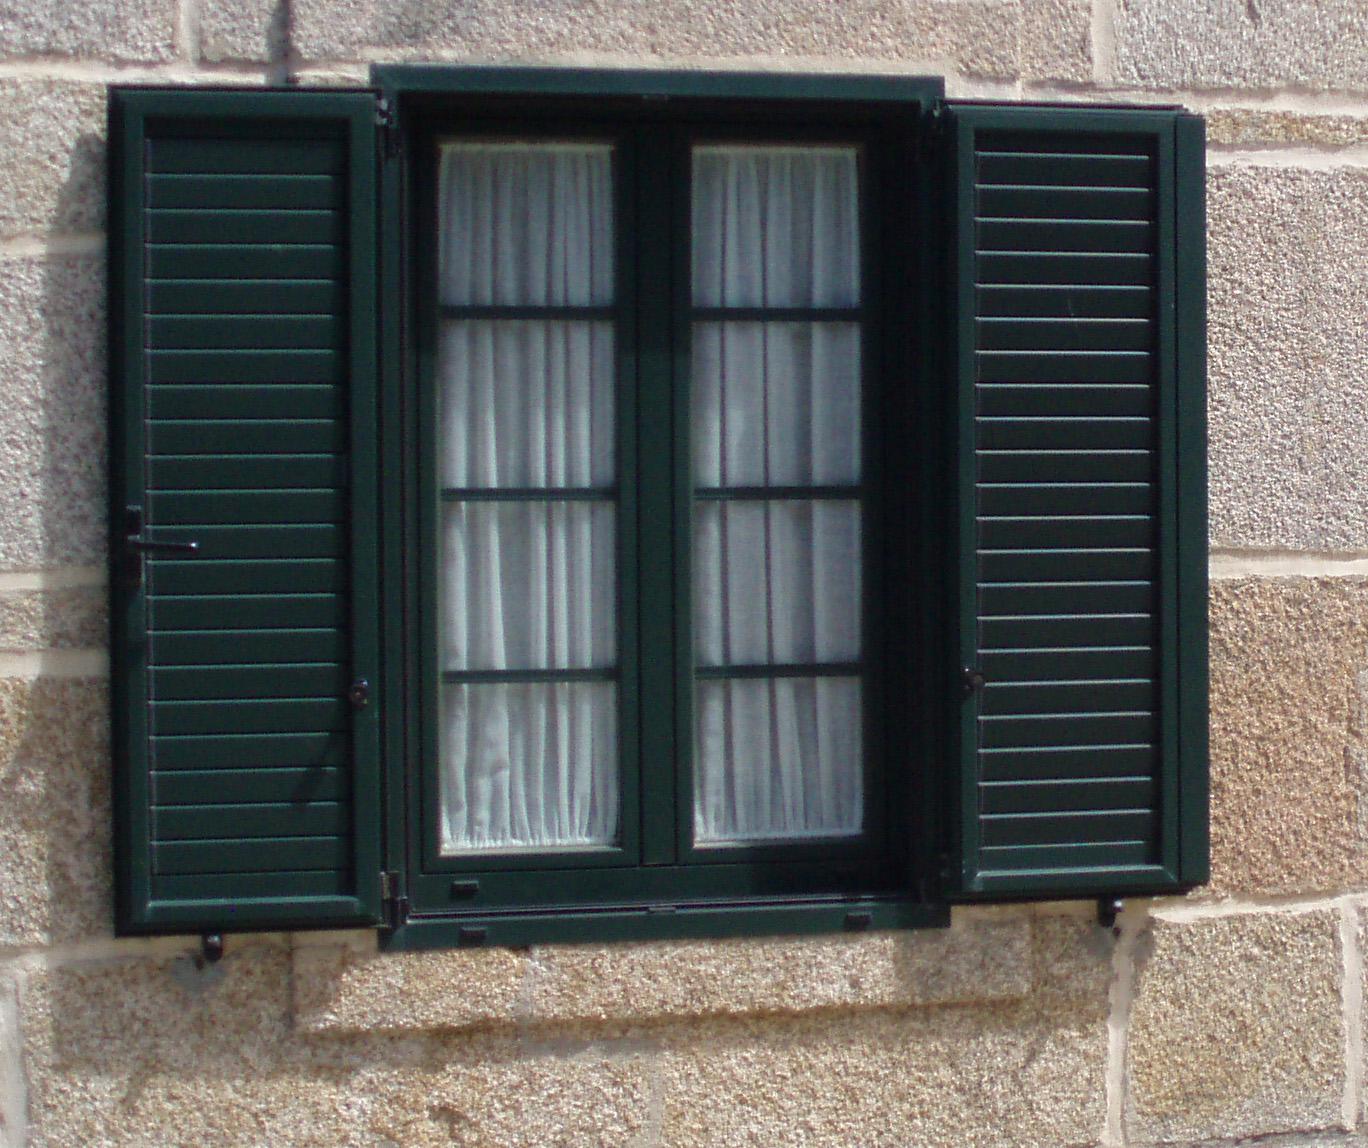 Acabados suplementos remates en las ventanas de pvc - Ventanas de pvc en cantabria ...